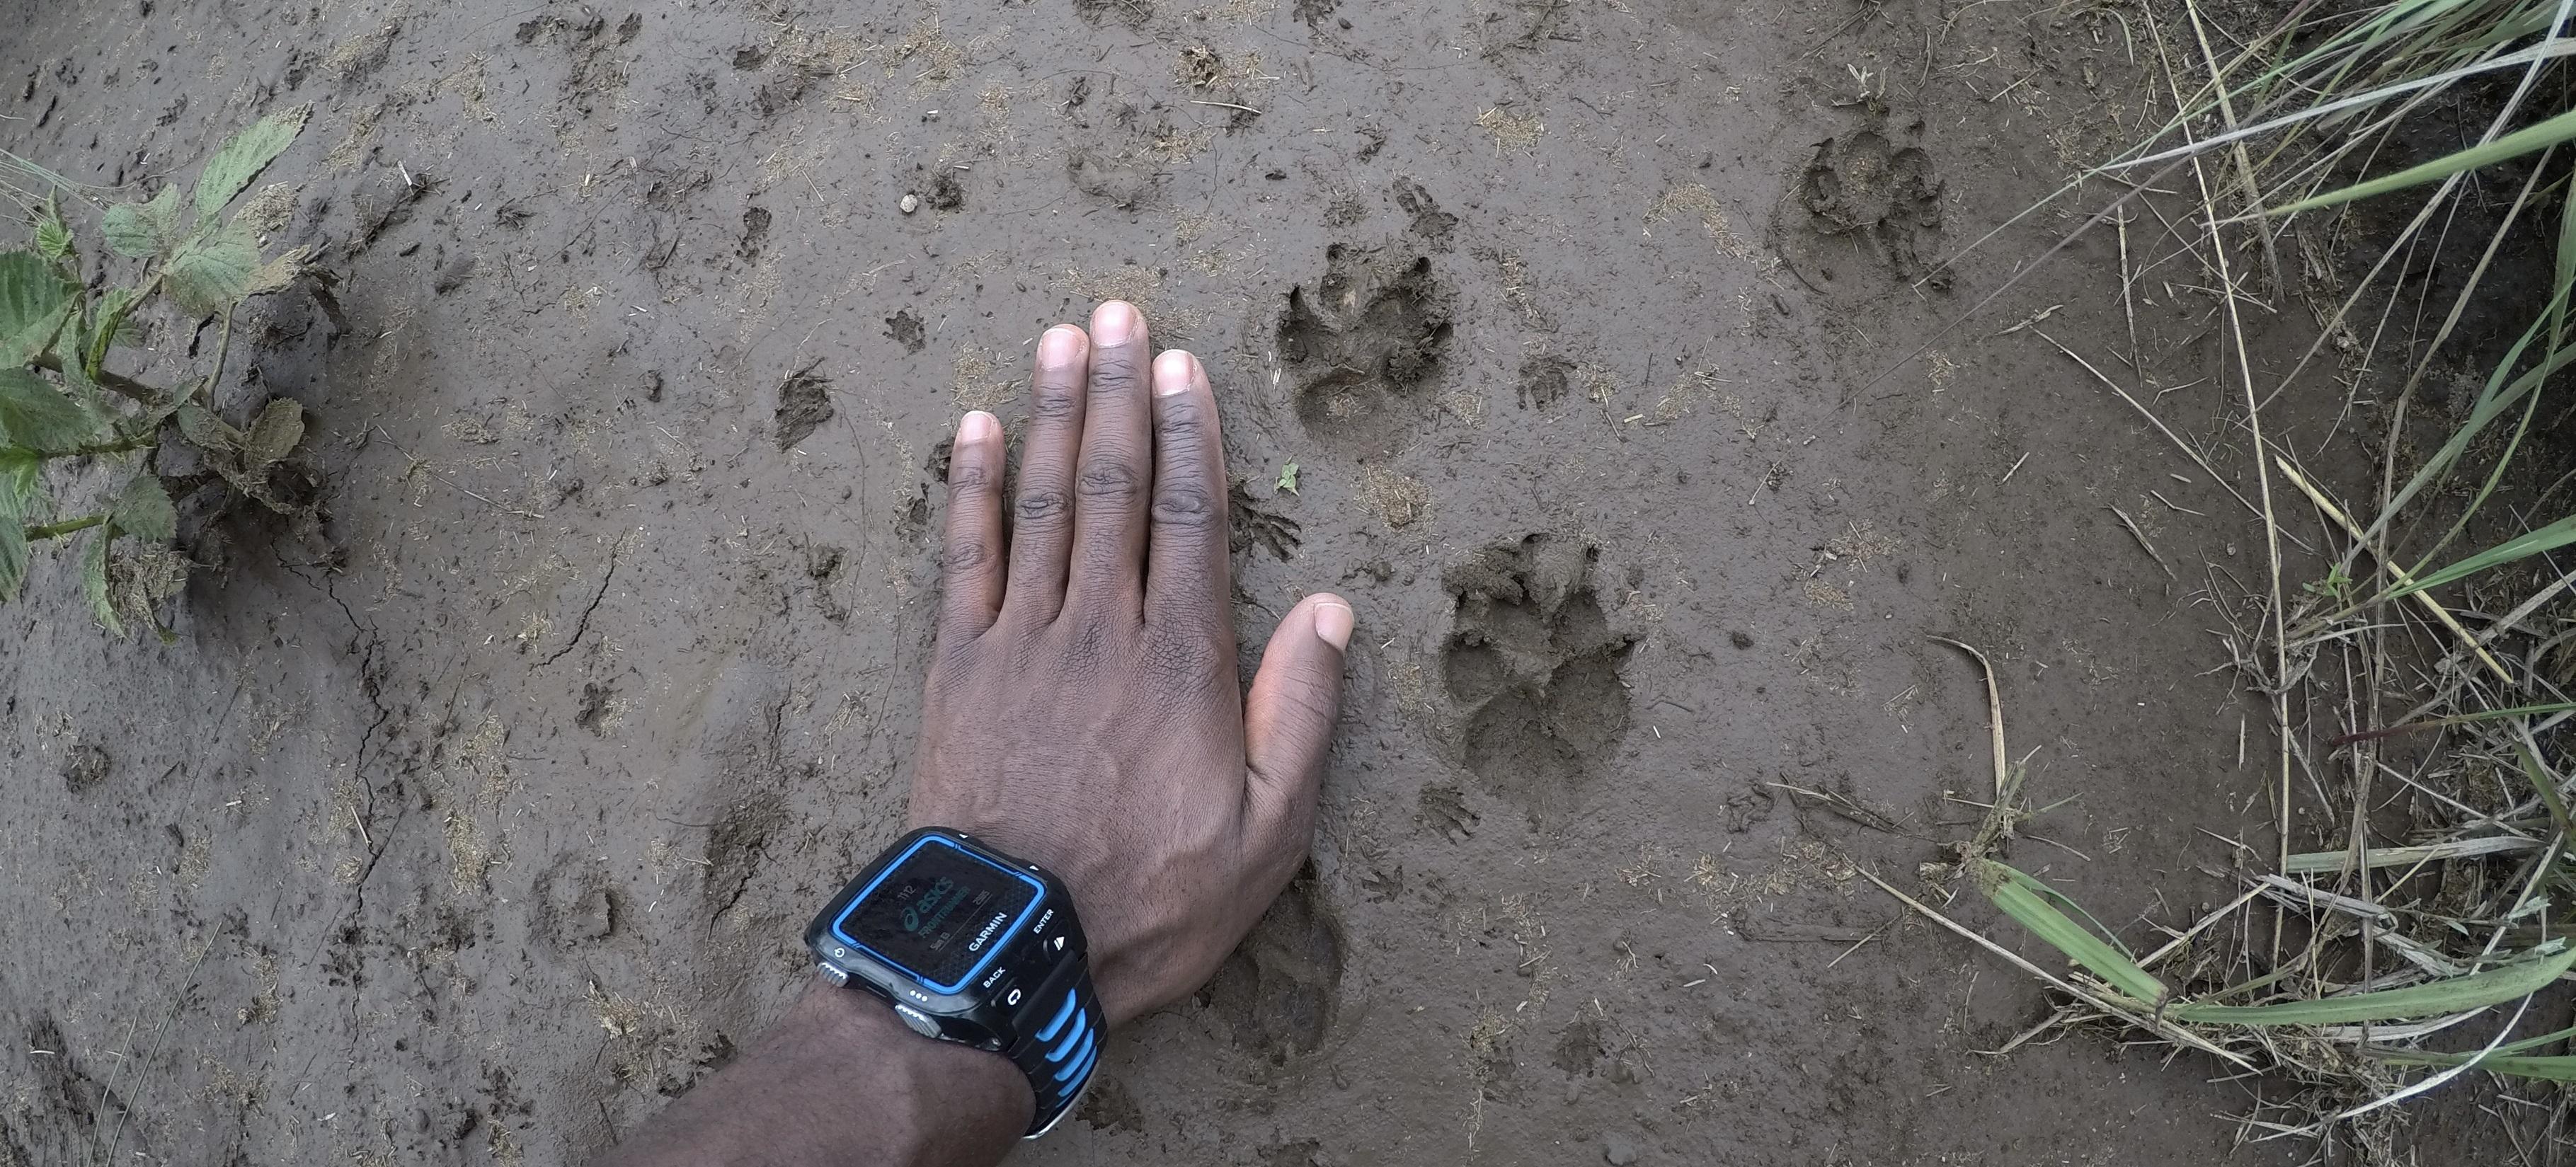 Wildlife ACT course